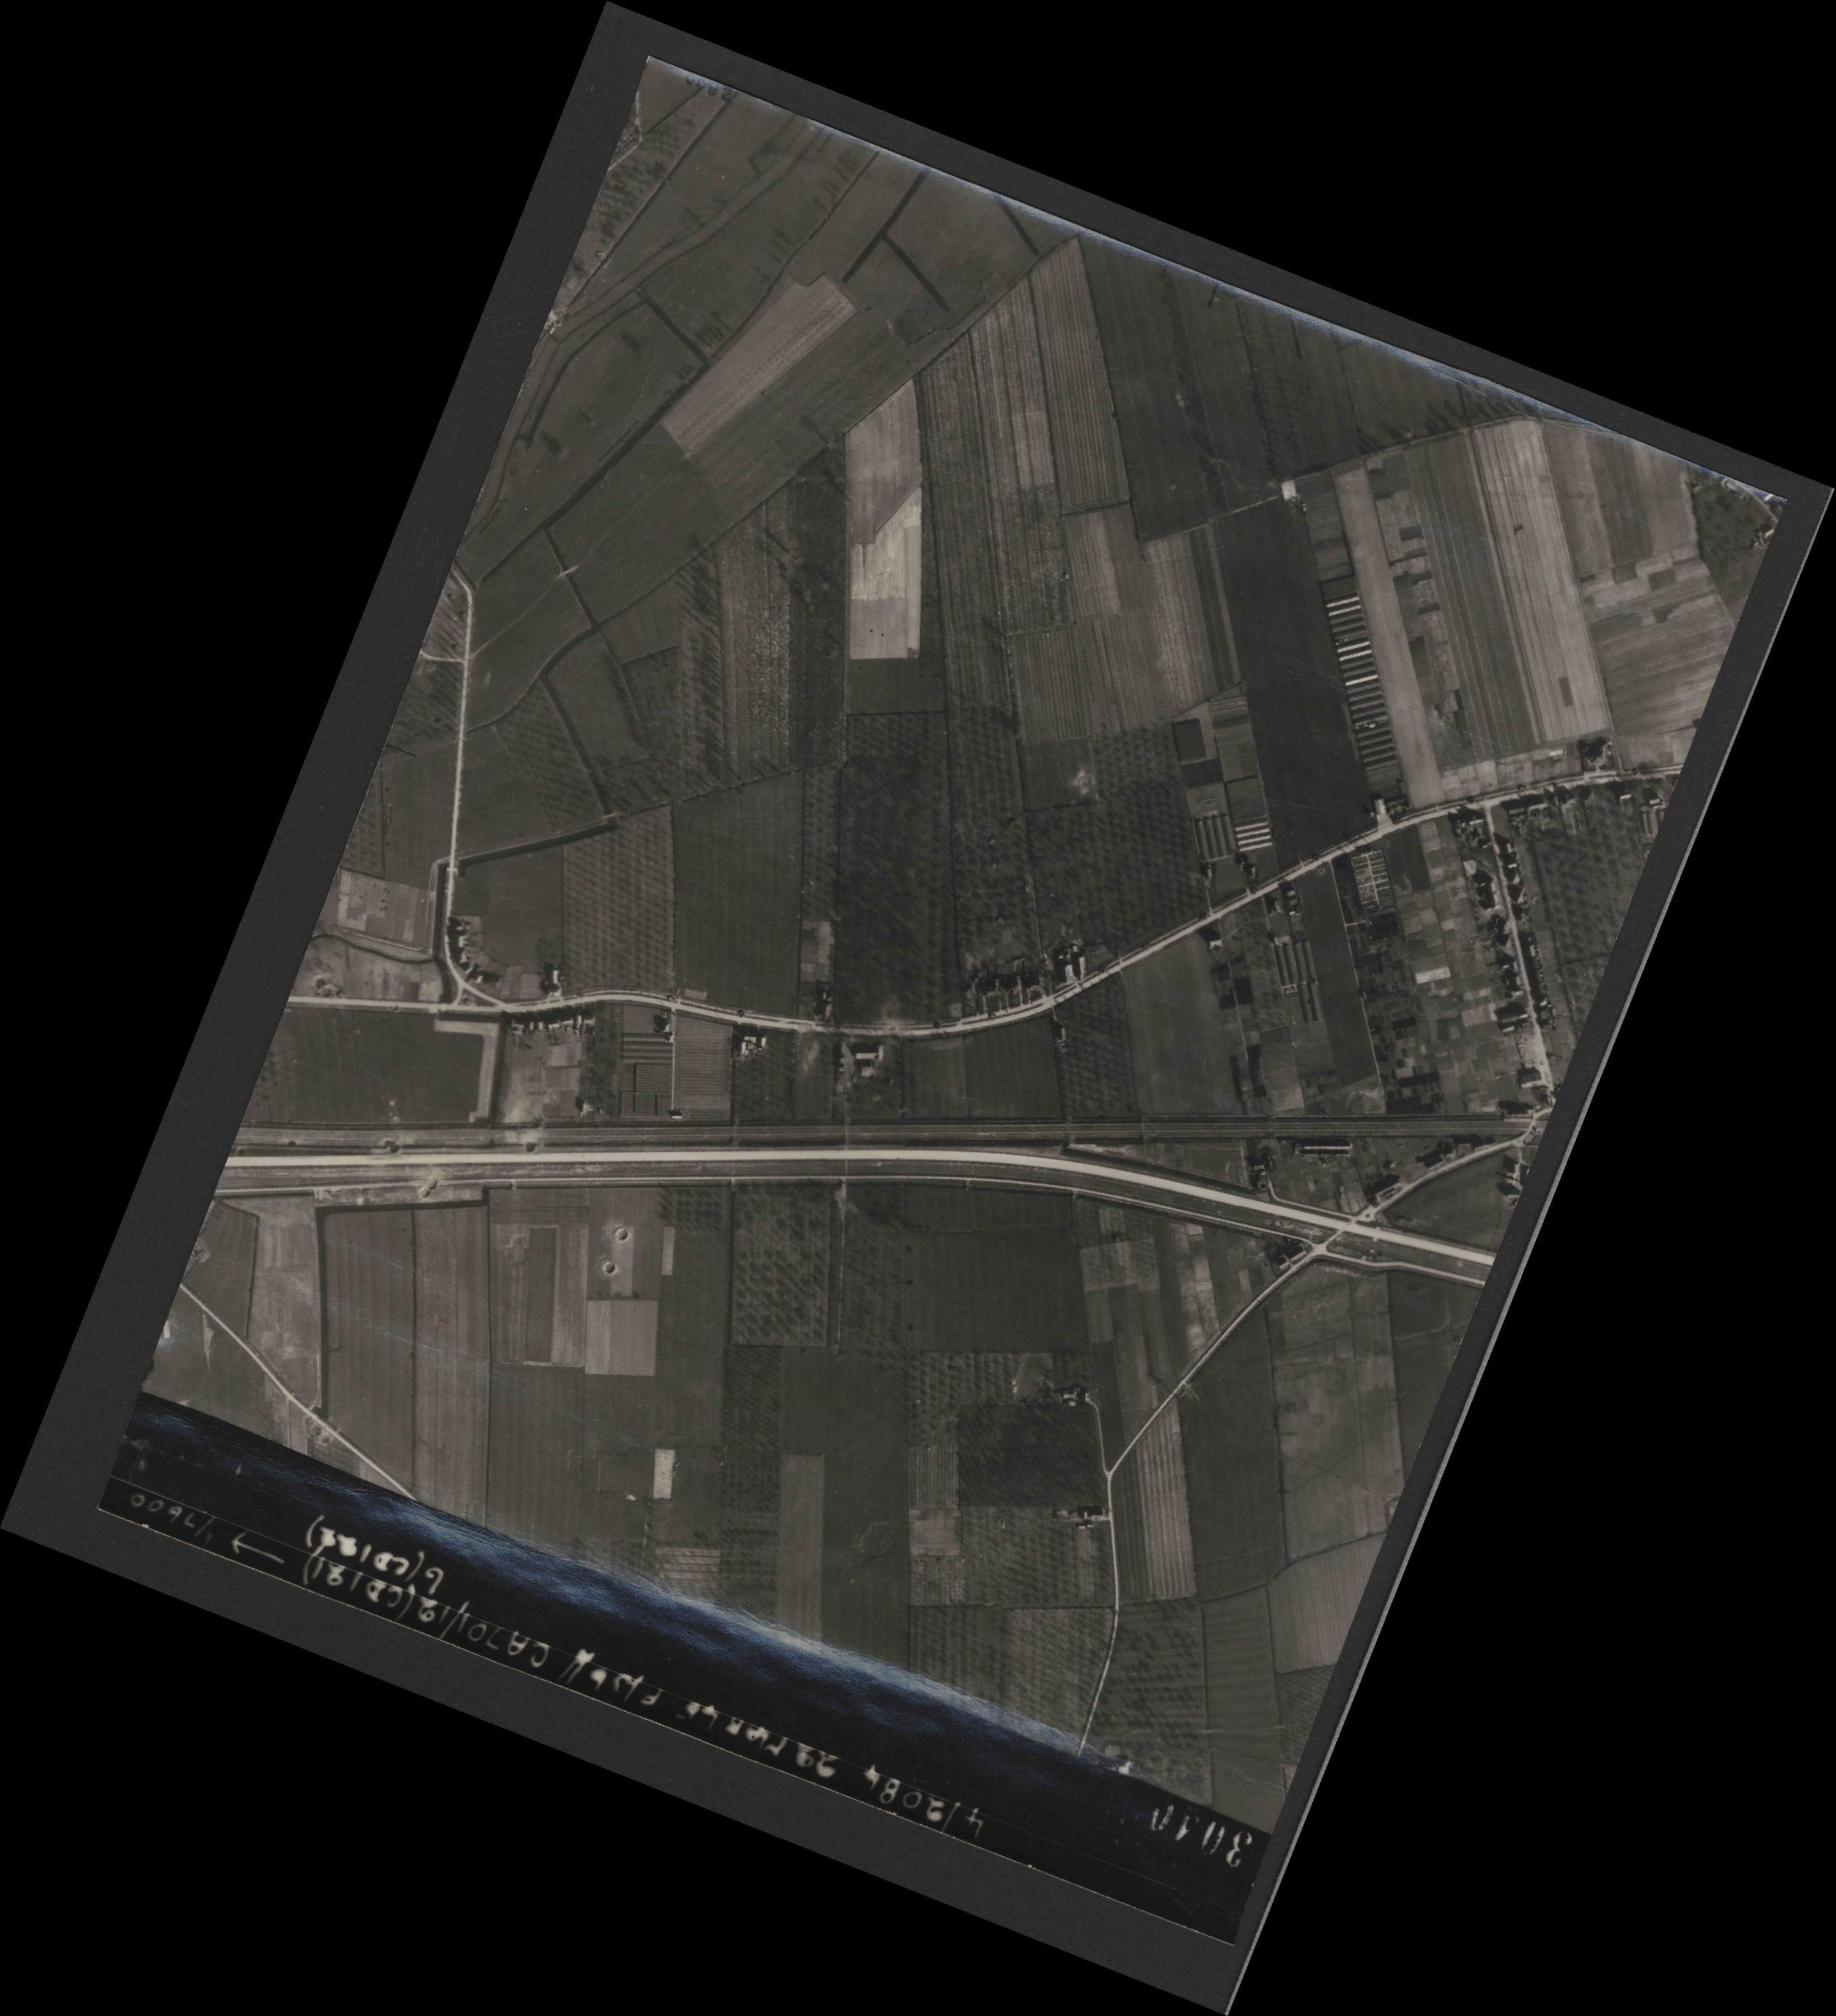 Collection RAF aerial photos 1940-1945 - flight 163, run 11, photo 3040